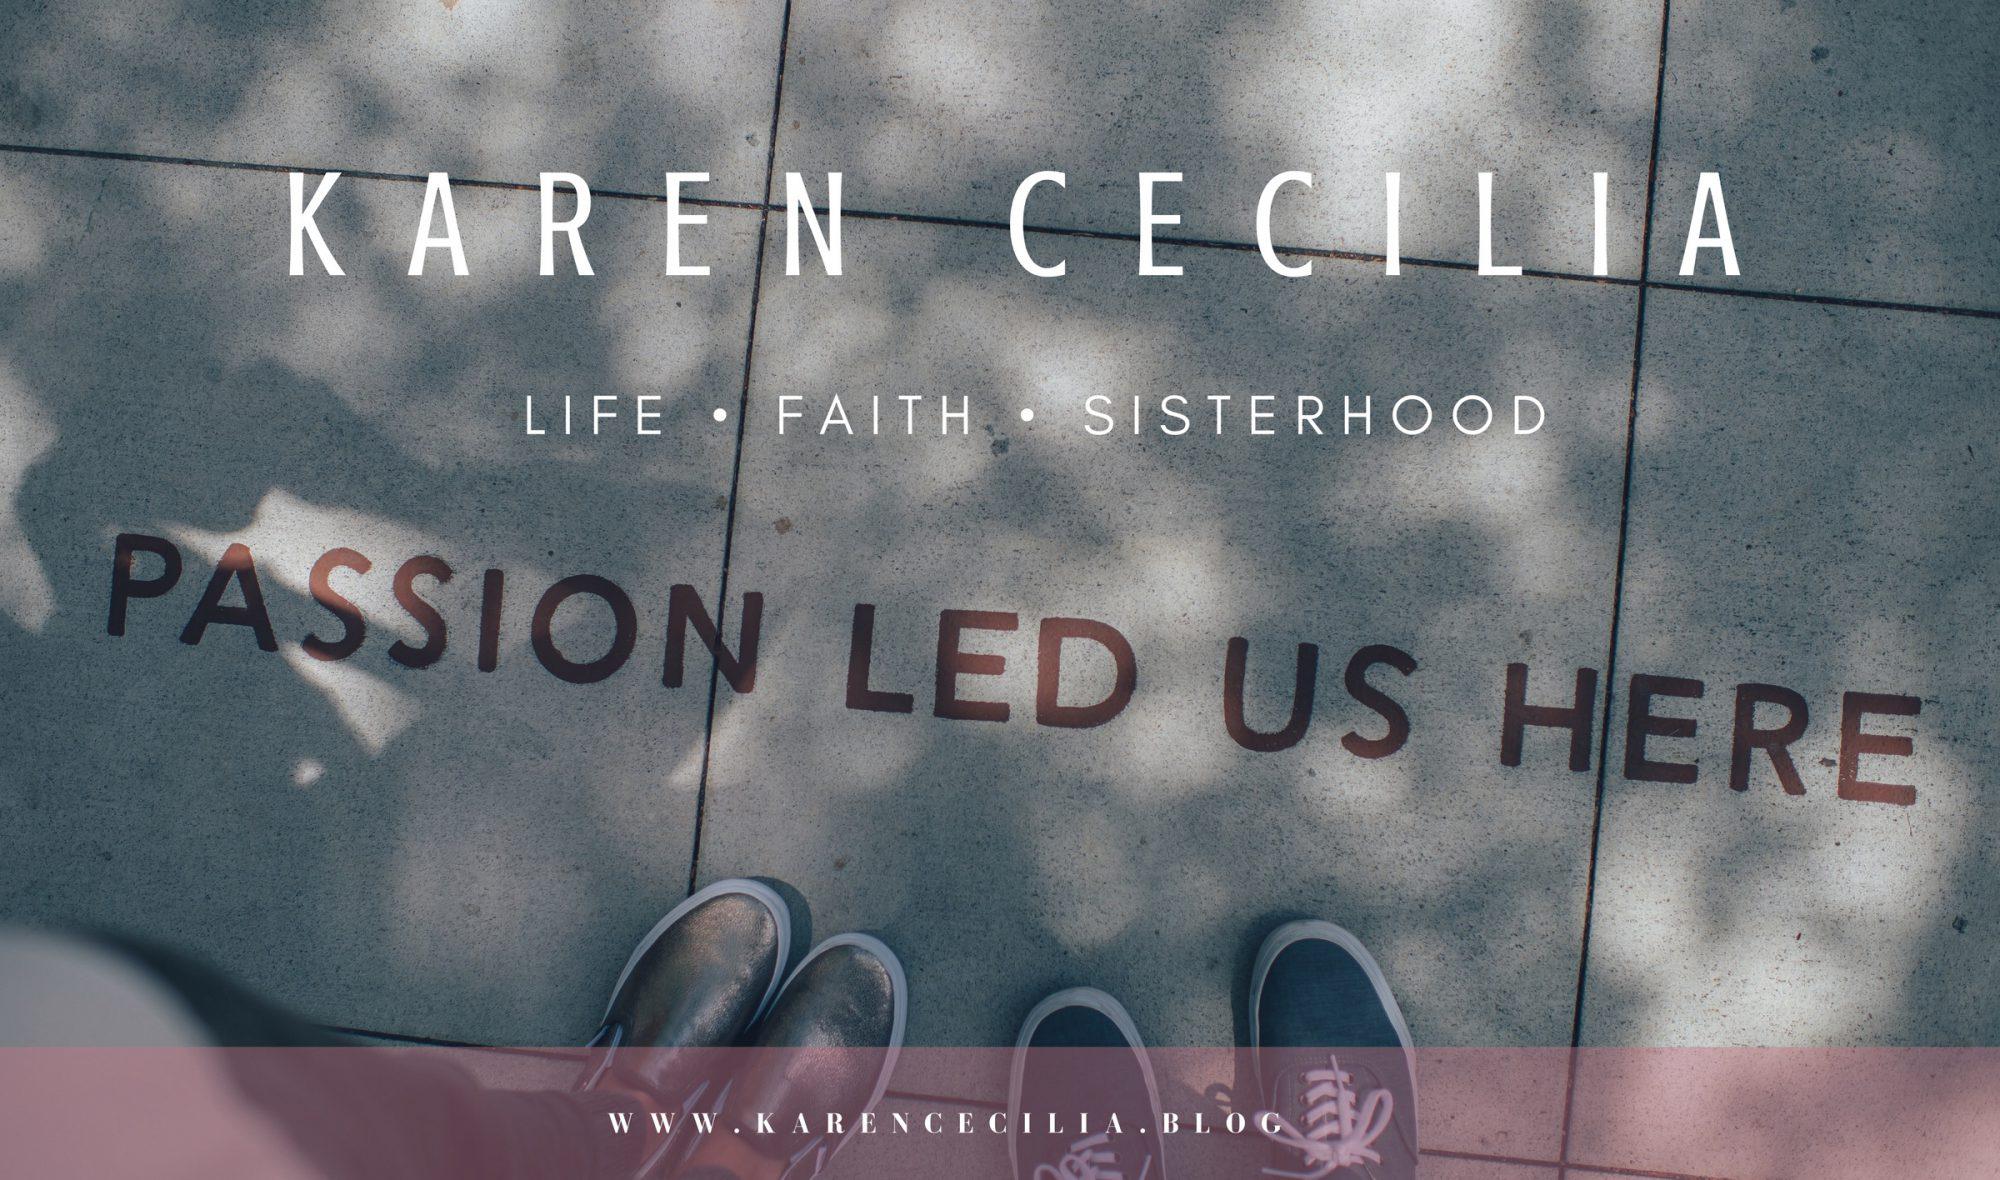 karencecilia.blog